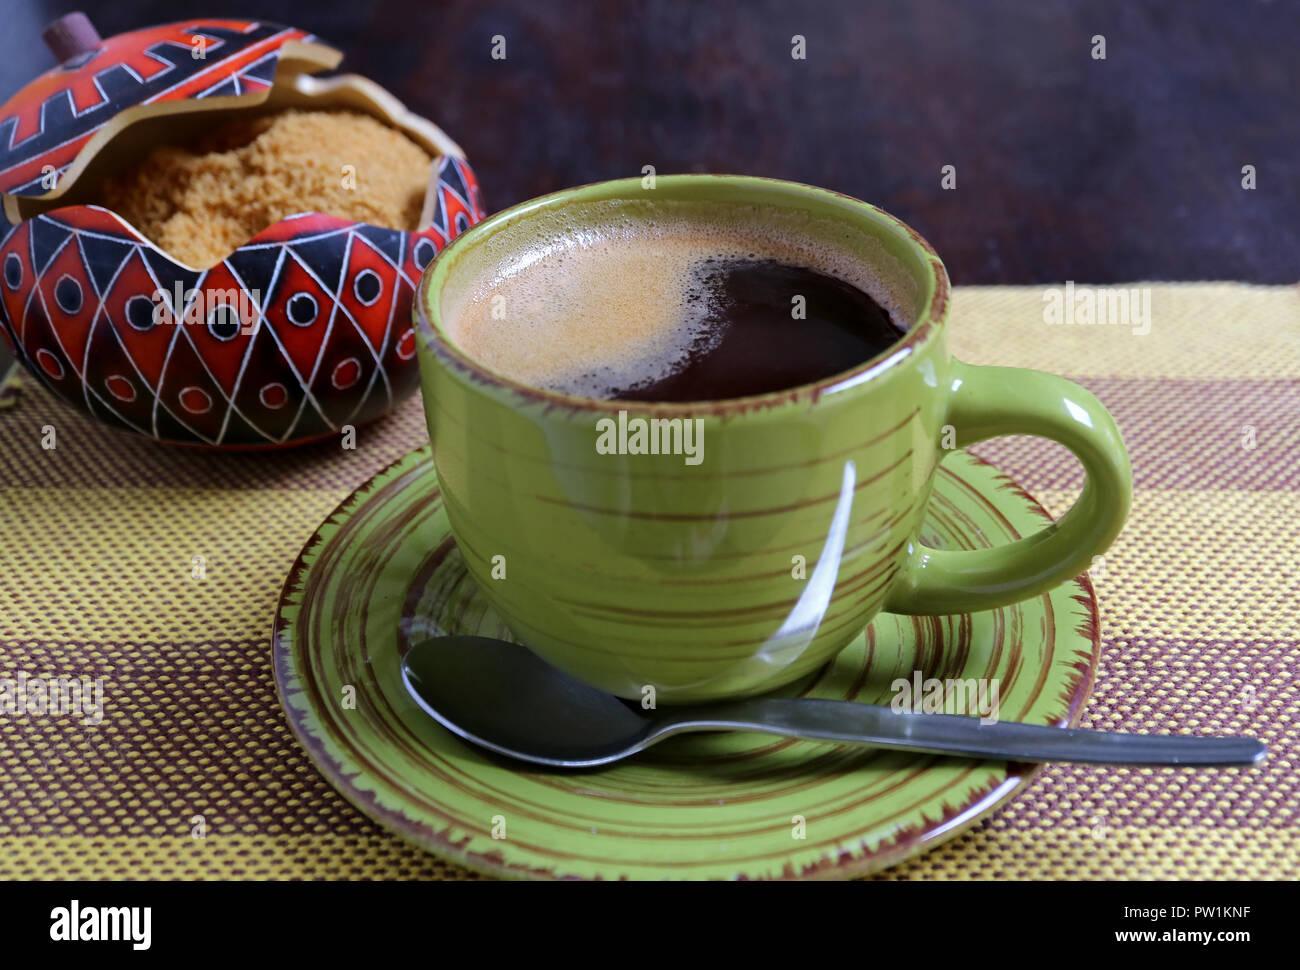 Caffè caldo in una tazza verde con zucchero sfocata pot di zucchero di canna in sfondo servita sulla tovaglia stripe Immagini Stock